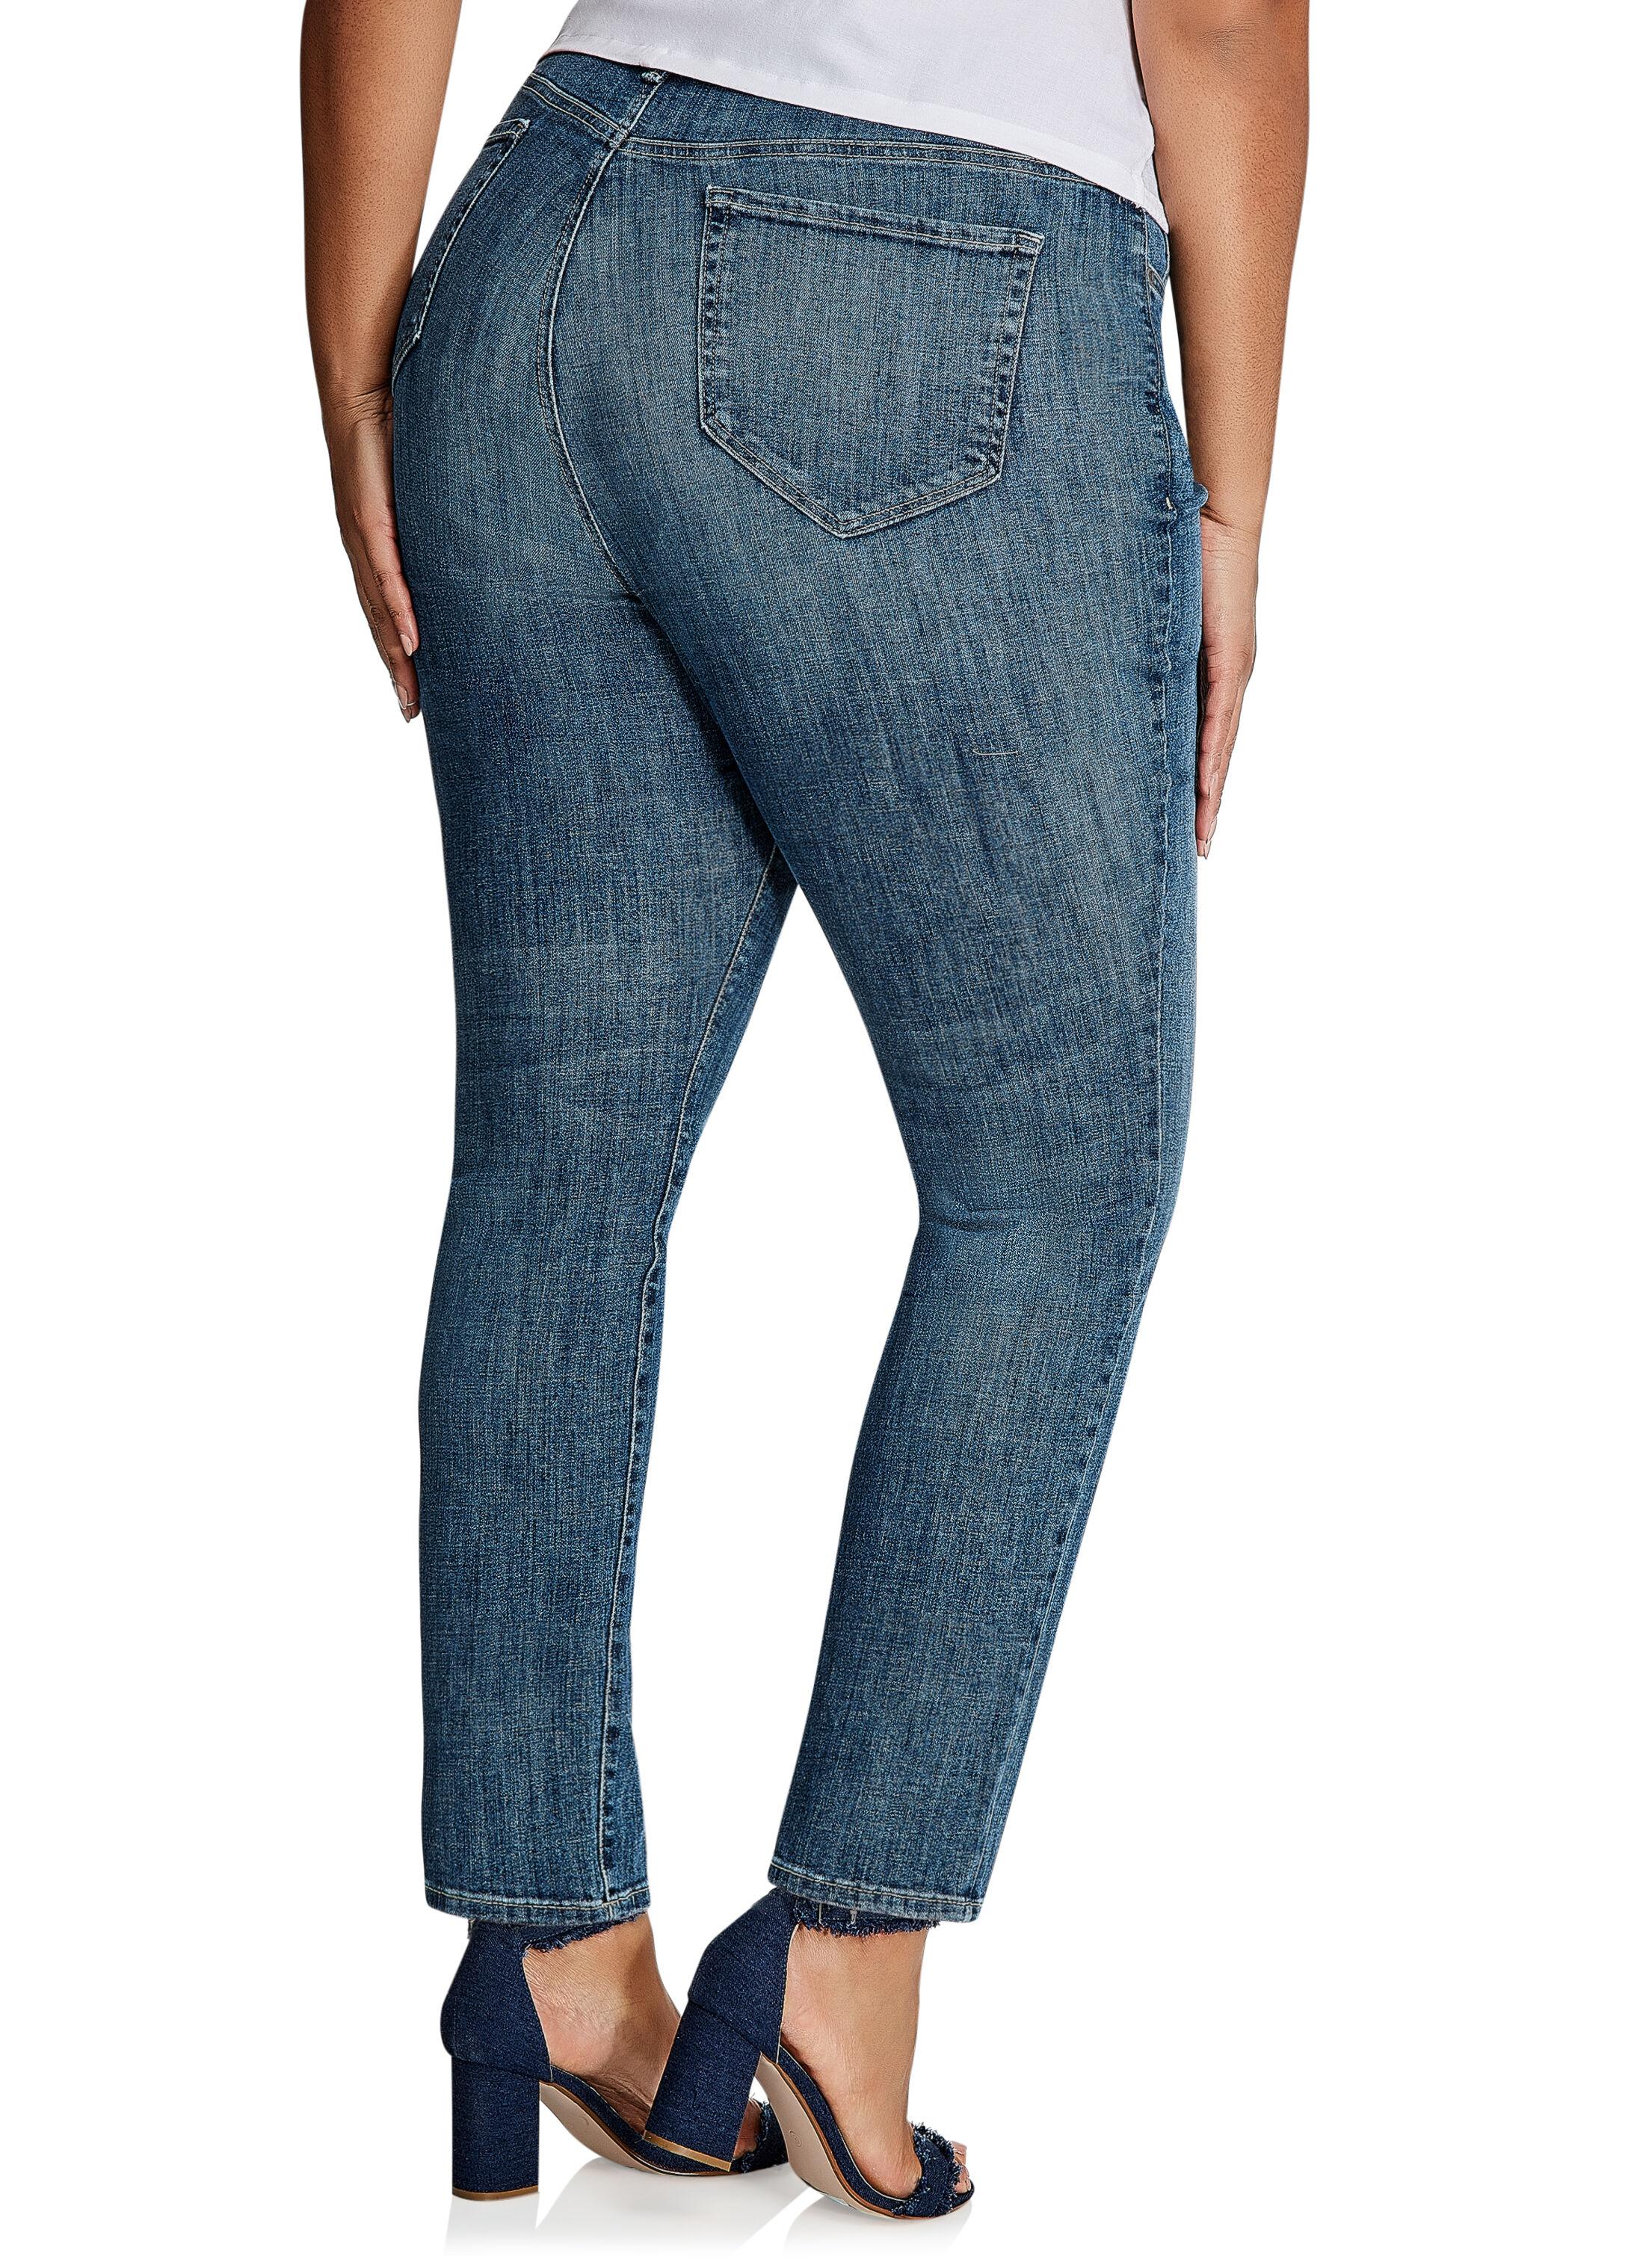 NYDJ Sheri Slim Jean in Smart Embrace Denim